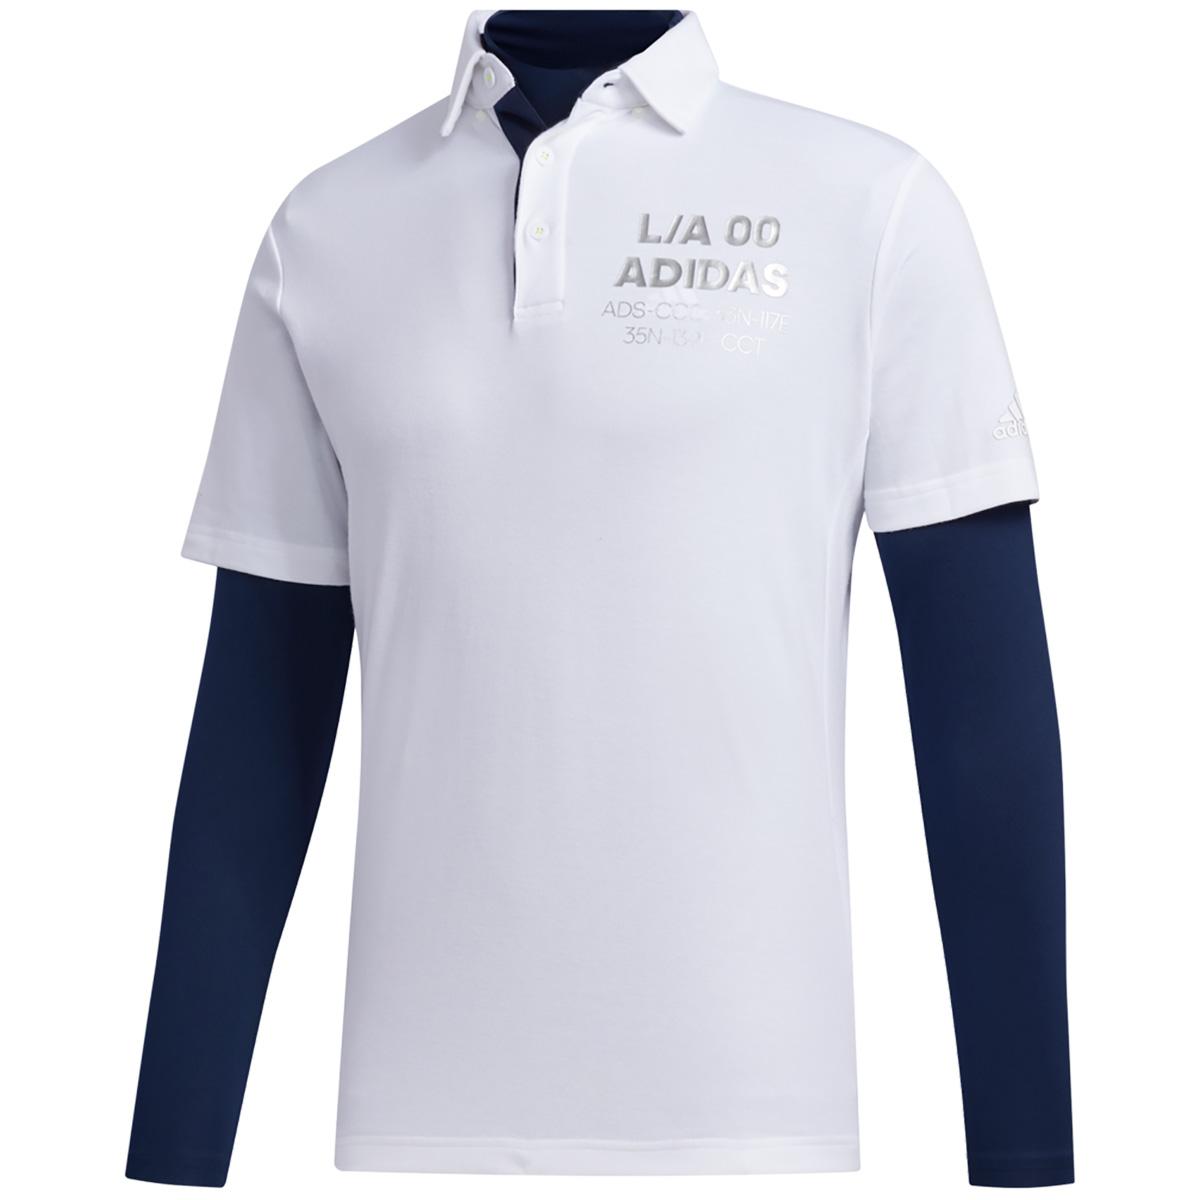 チェストロゴ レイヤード 半袖ポロシャツ